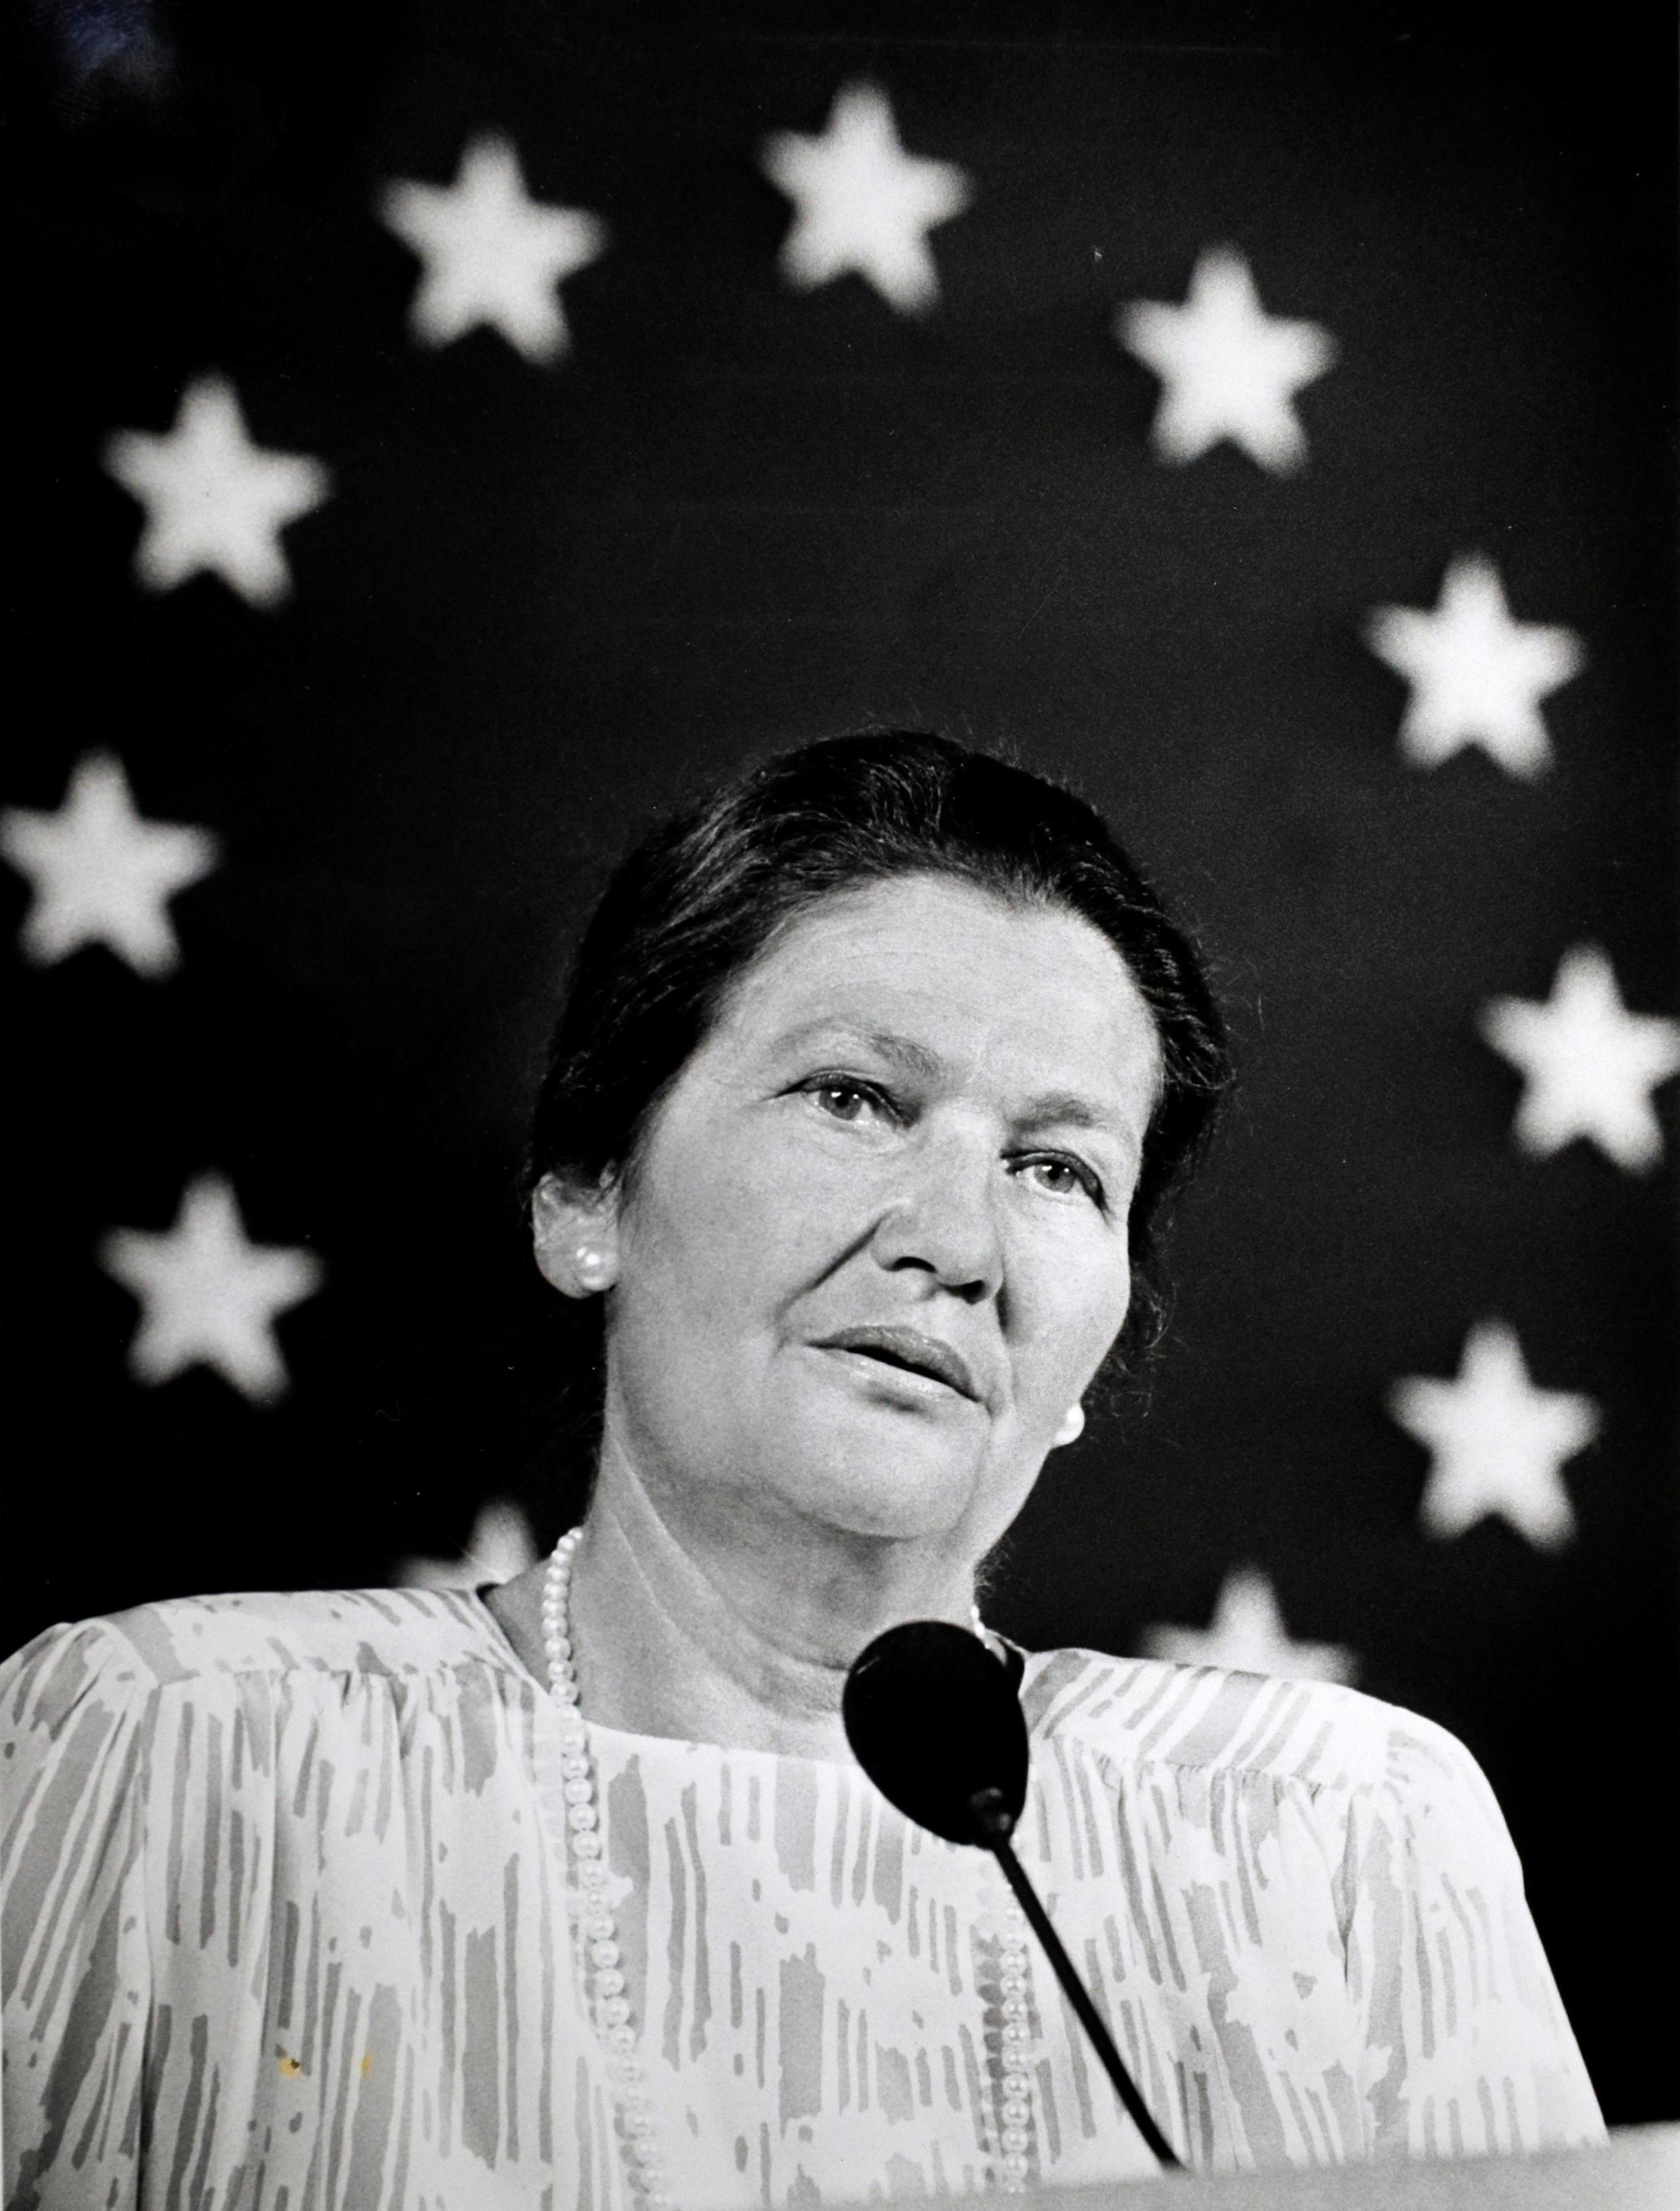 Discours de l'ancienne présidente du Parlement européen, Simone Veil, le 21 mai 1989 à Paris. Derrière elle, le drapeau de l'UE.